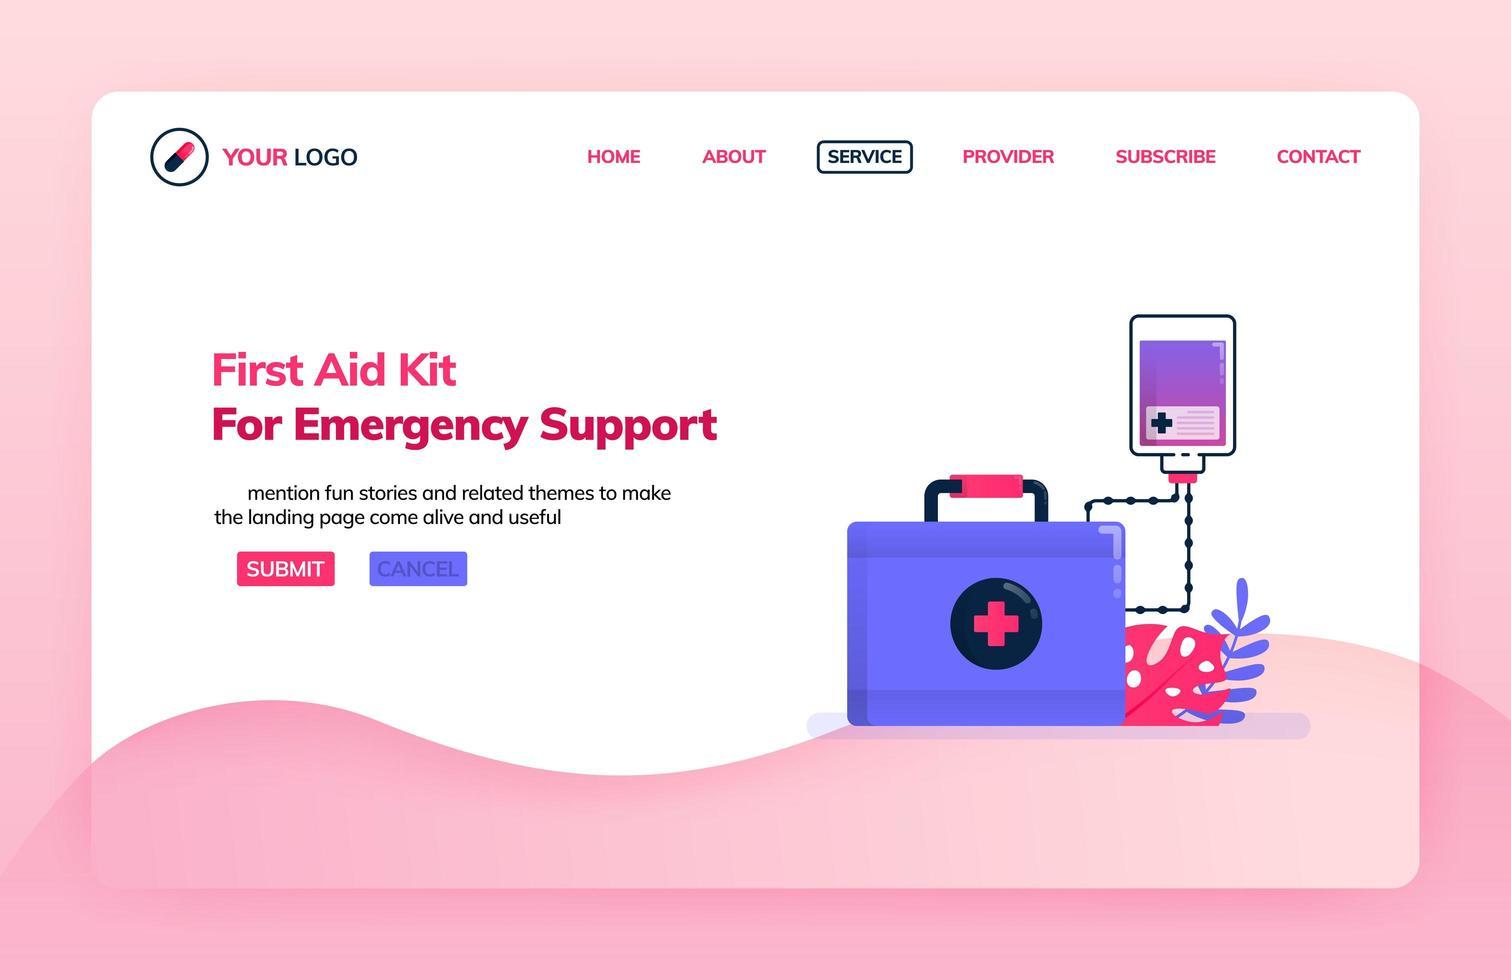 modèle d'illustration de page de destination de la trousse de premiers soins pour l'aide d'urgence. perfusion pour les services d'urgence. thèmes de santé. peut être utilisé pour la page de destination, le site Web, le Web, les applications mobiles, l'affiche, le dépliant vecteur